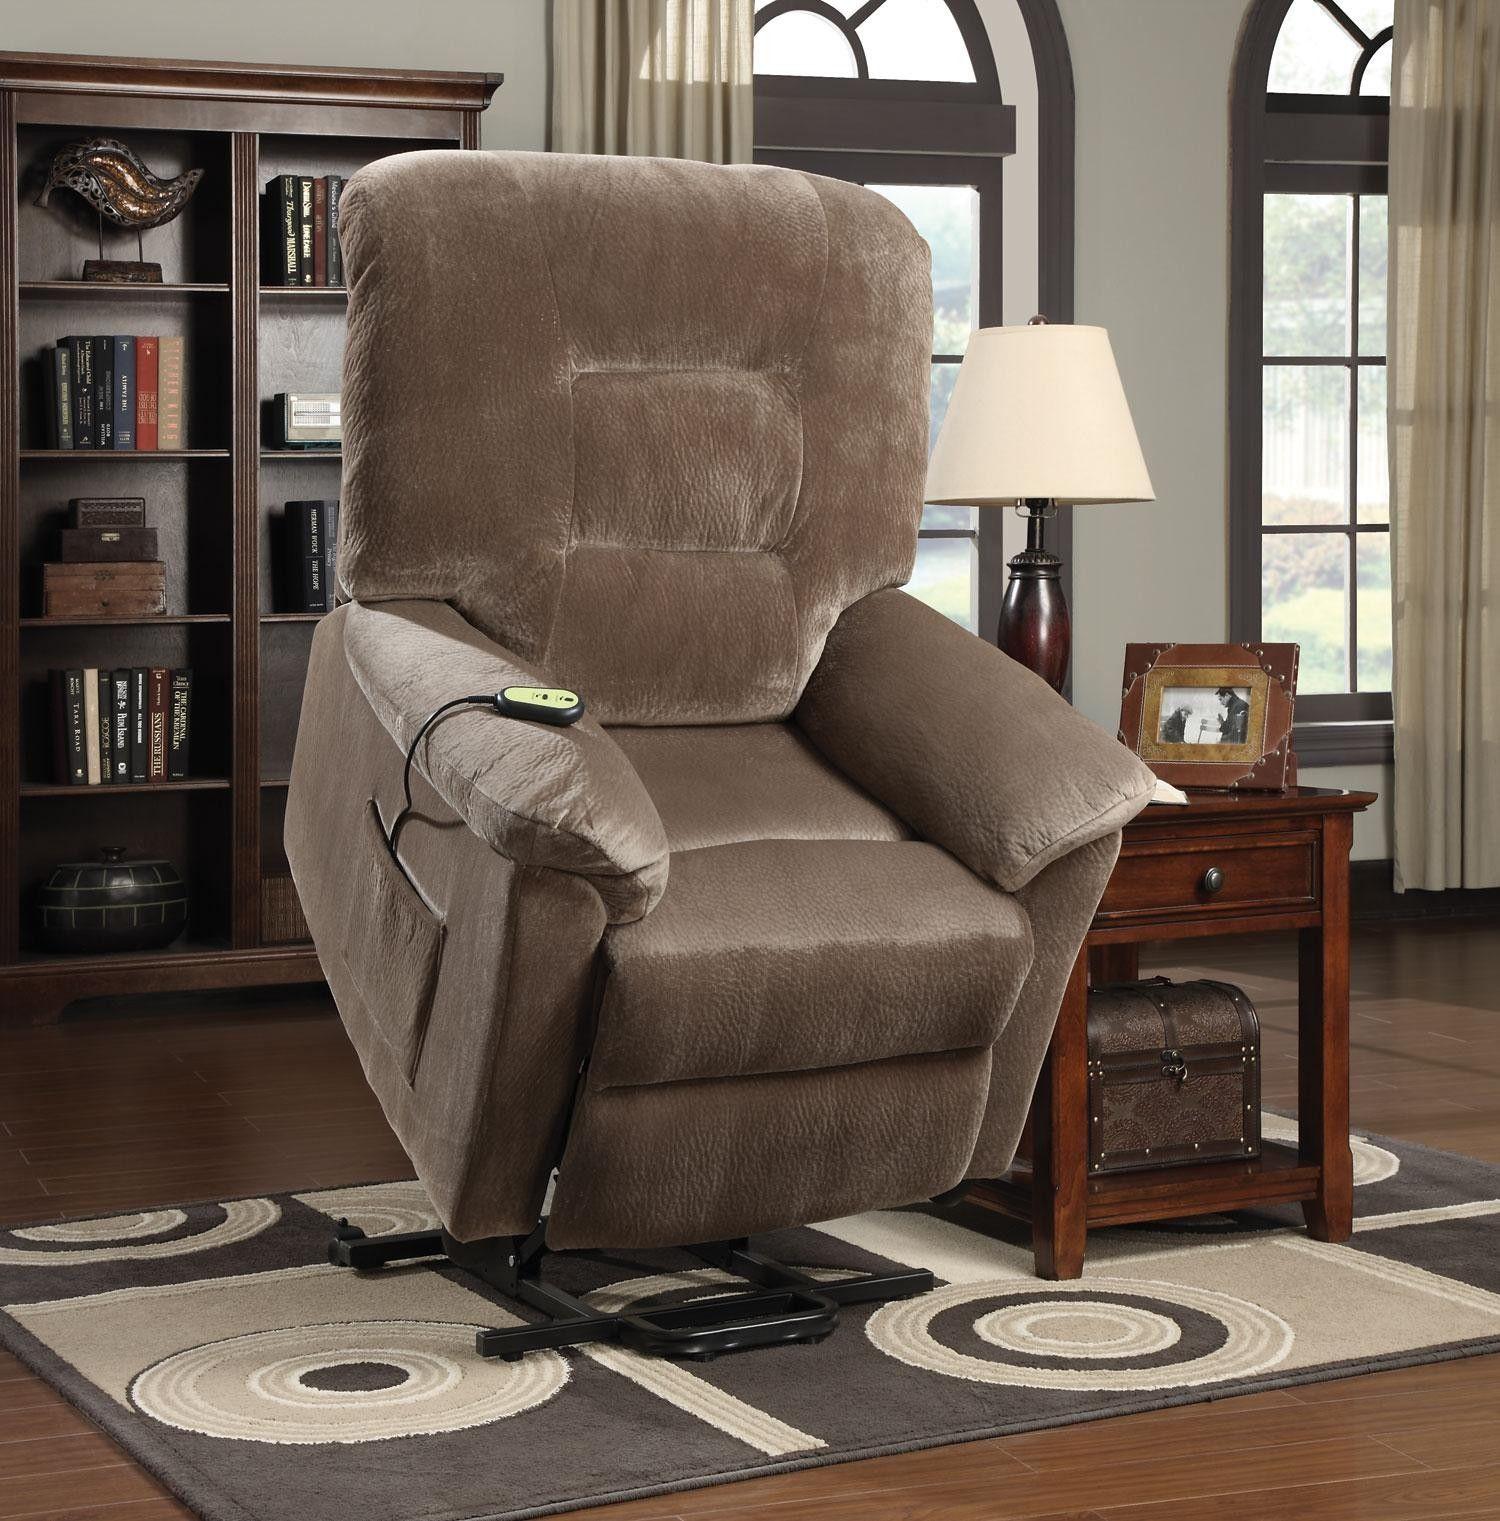 Brown Sugar Textured Velvet Fabric Power Lift Recliner Chair